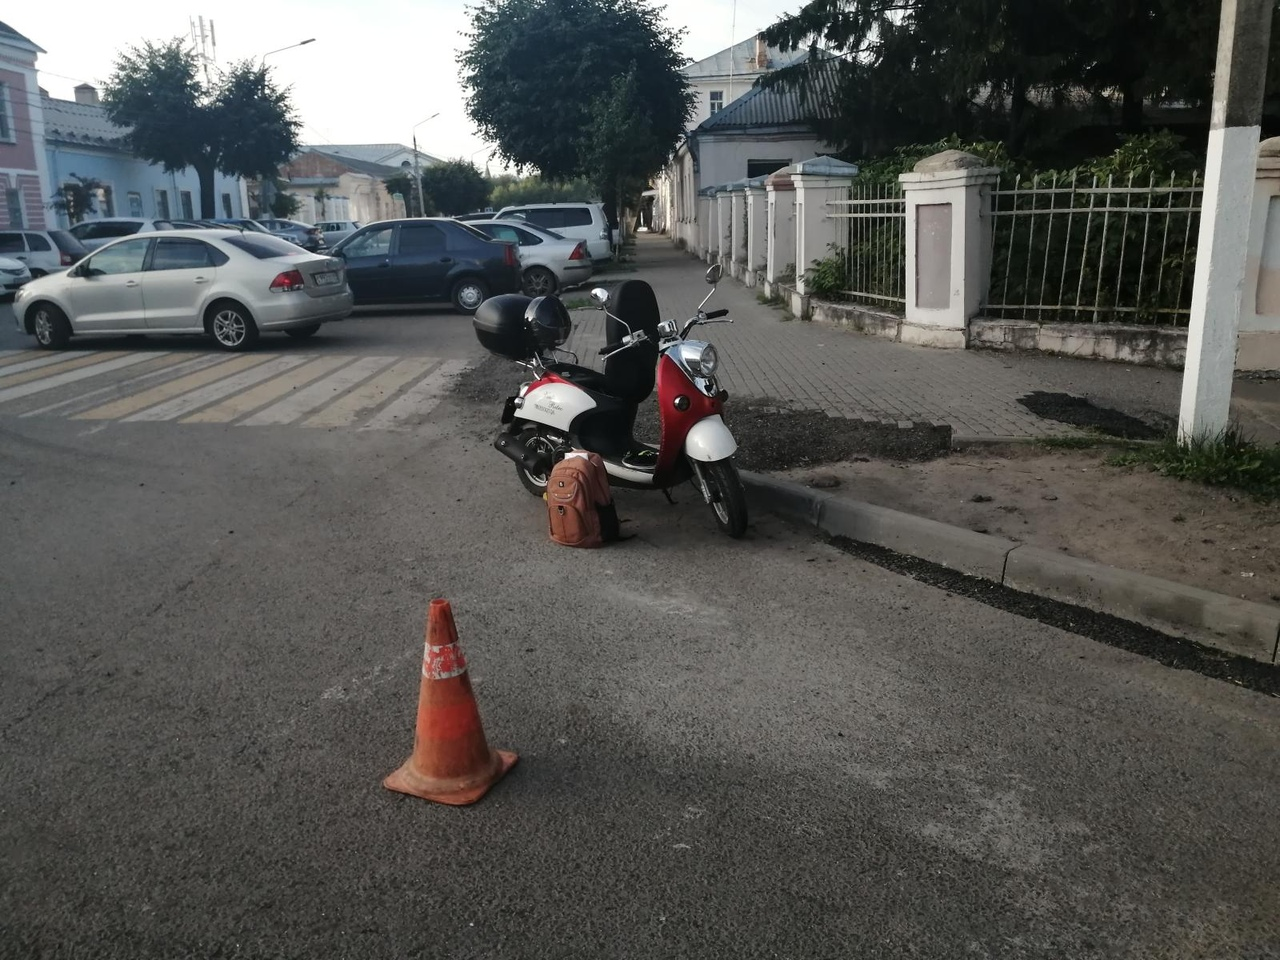 В центре Твери столкнулись иномарка и скутер, есть пострадавший - новости Афанасий